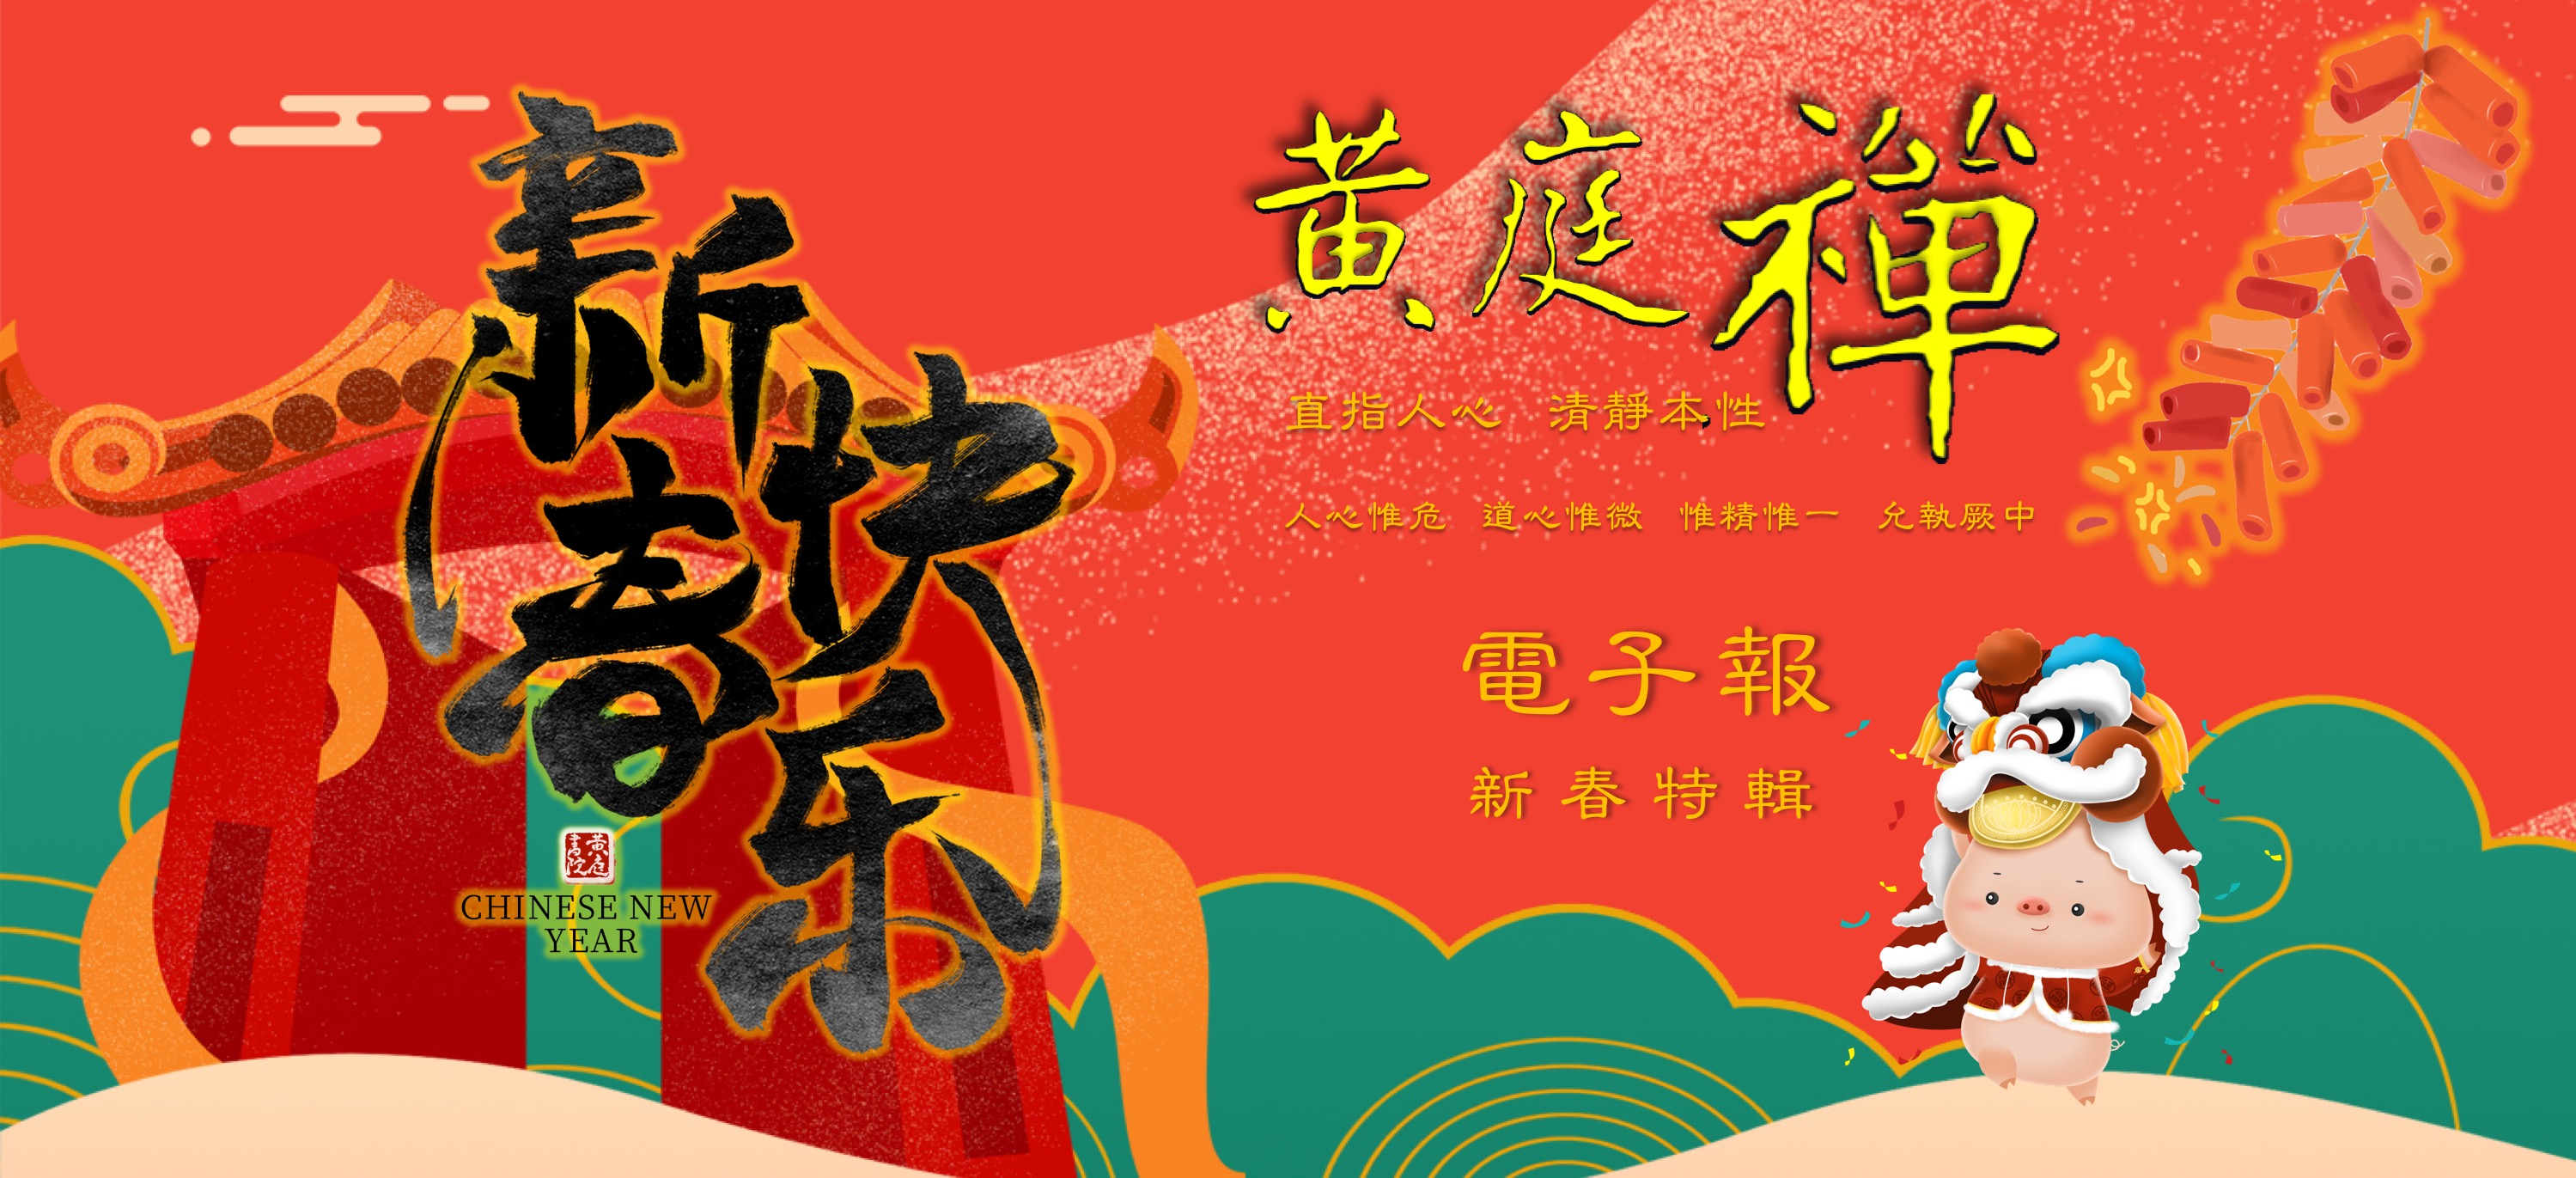 中華黃庭禪學會2019.02.01電子報